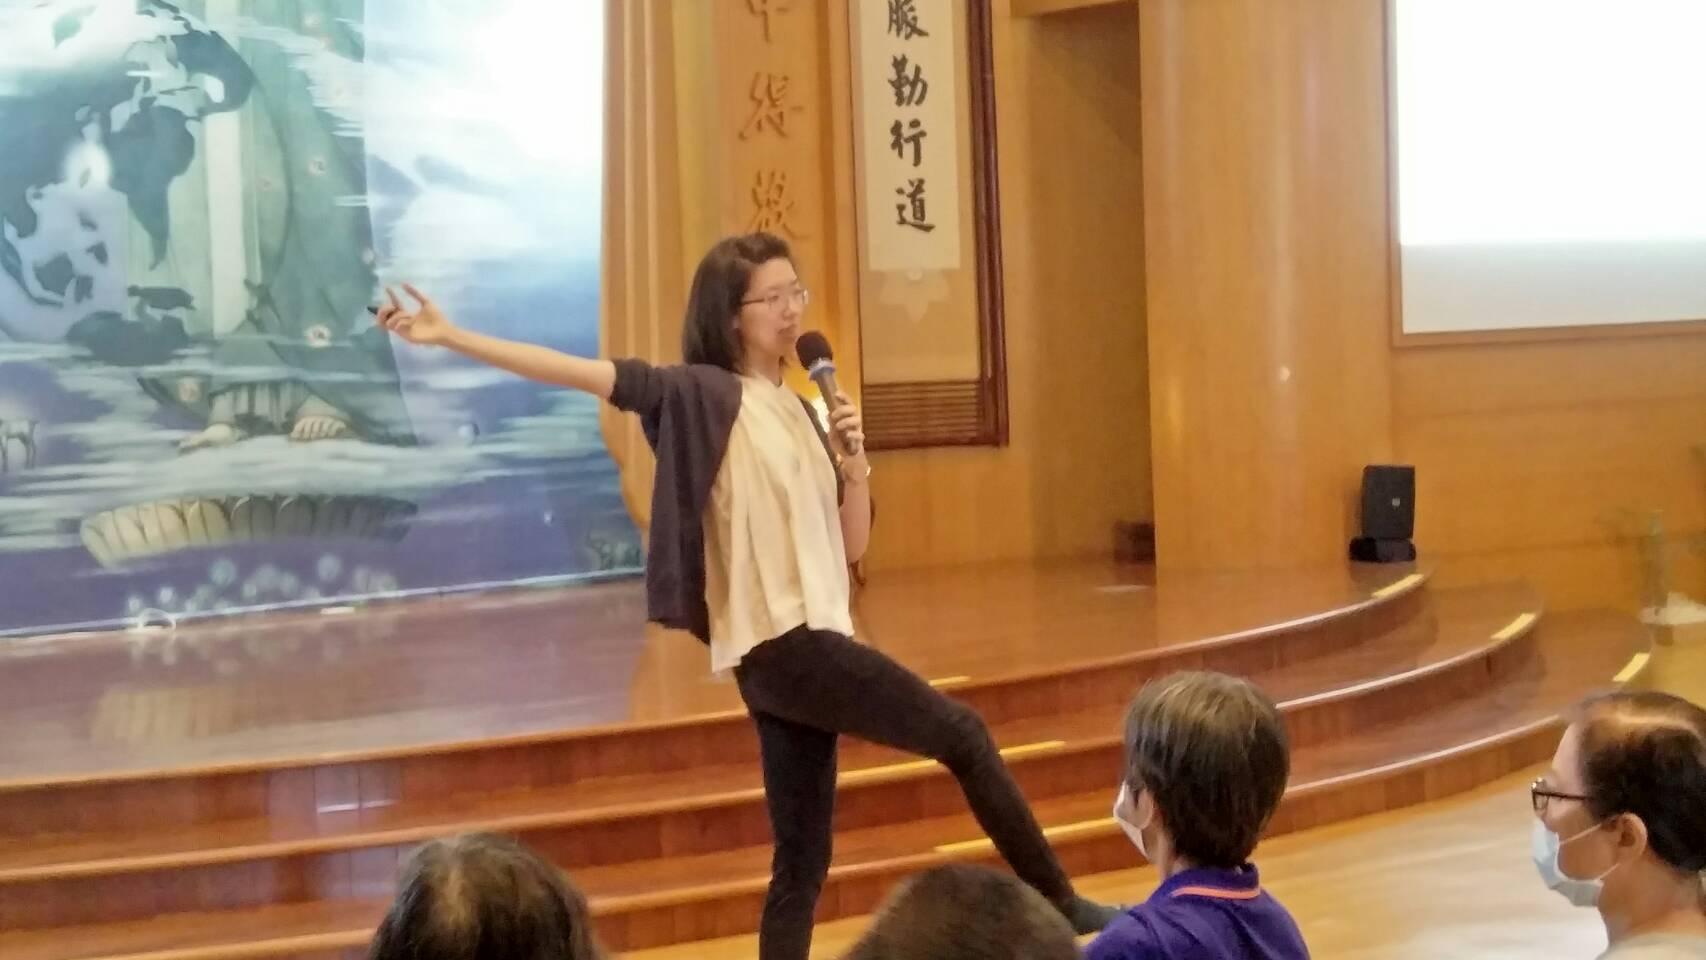 關山慈濟醫院中醫師張雅筑分享「中醫好護心」衛教課程。